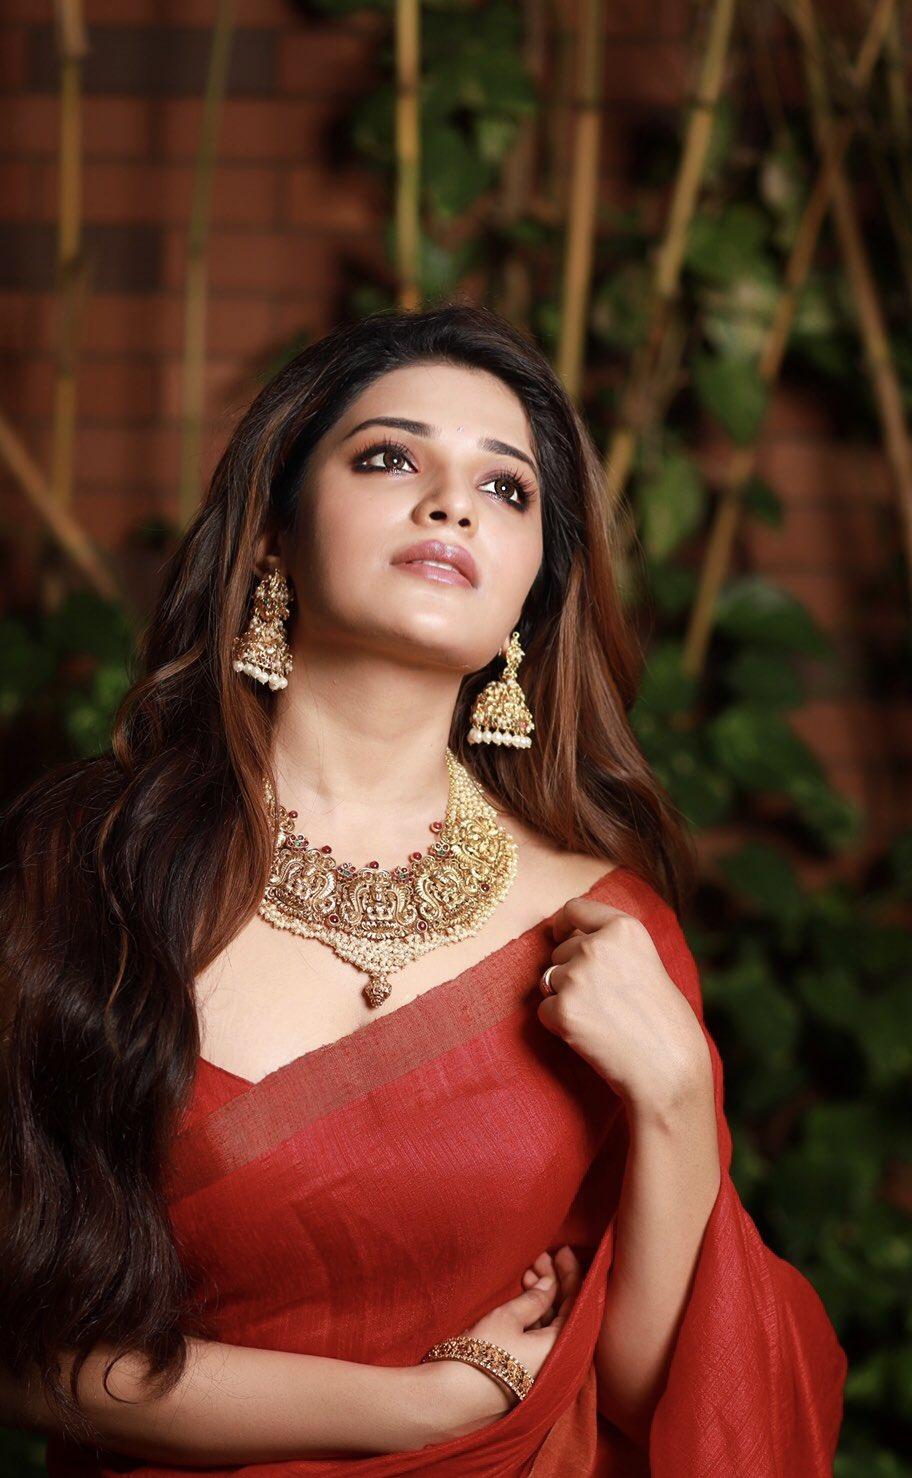 Aathmika in red saree